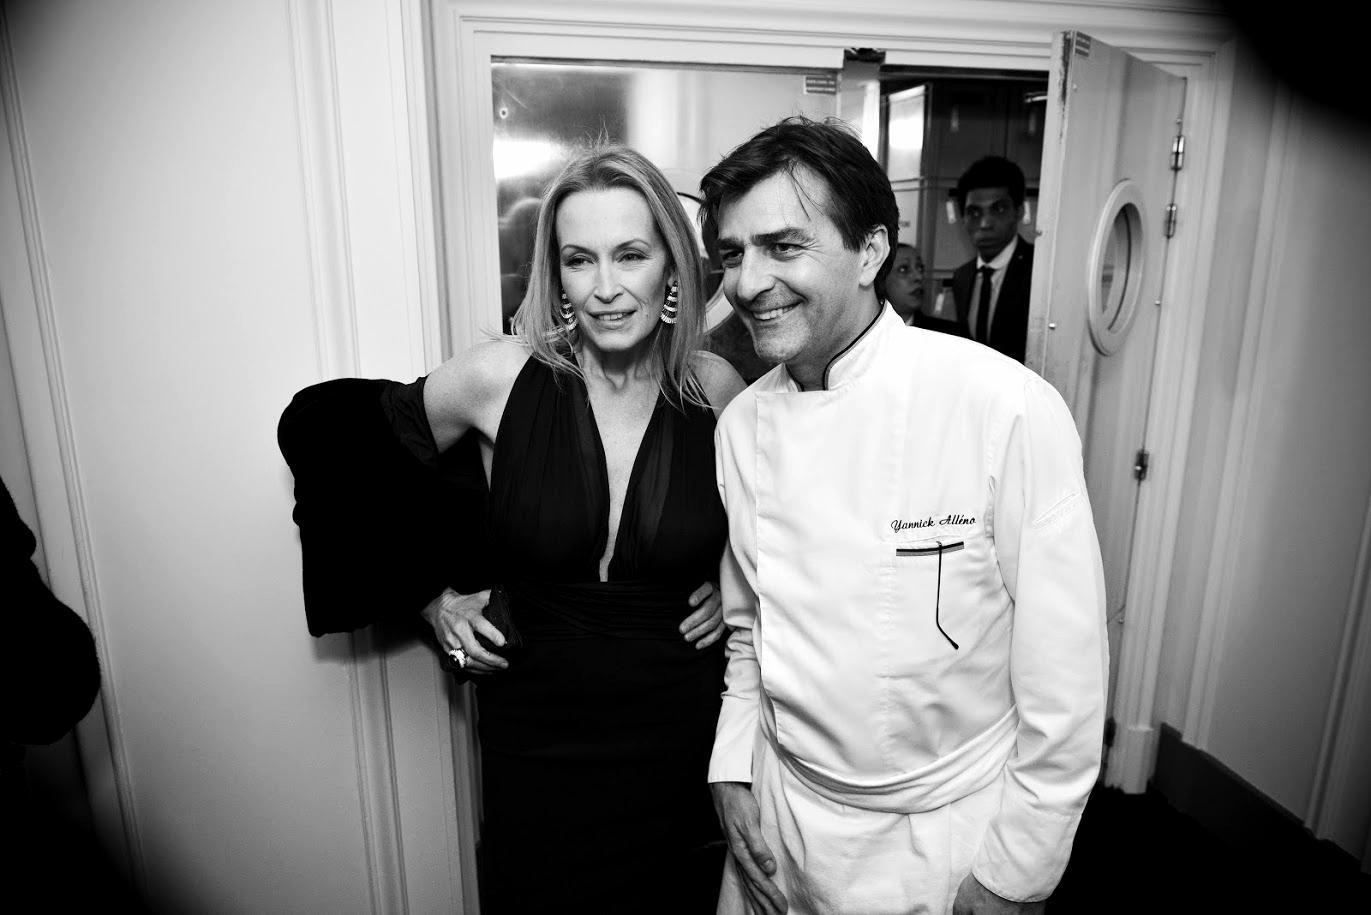 Yannick Alléno et Estelle Lefébure - Photo : SayWho / Jean Picon